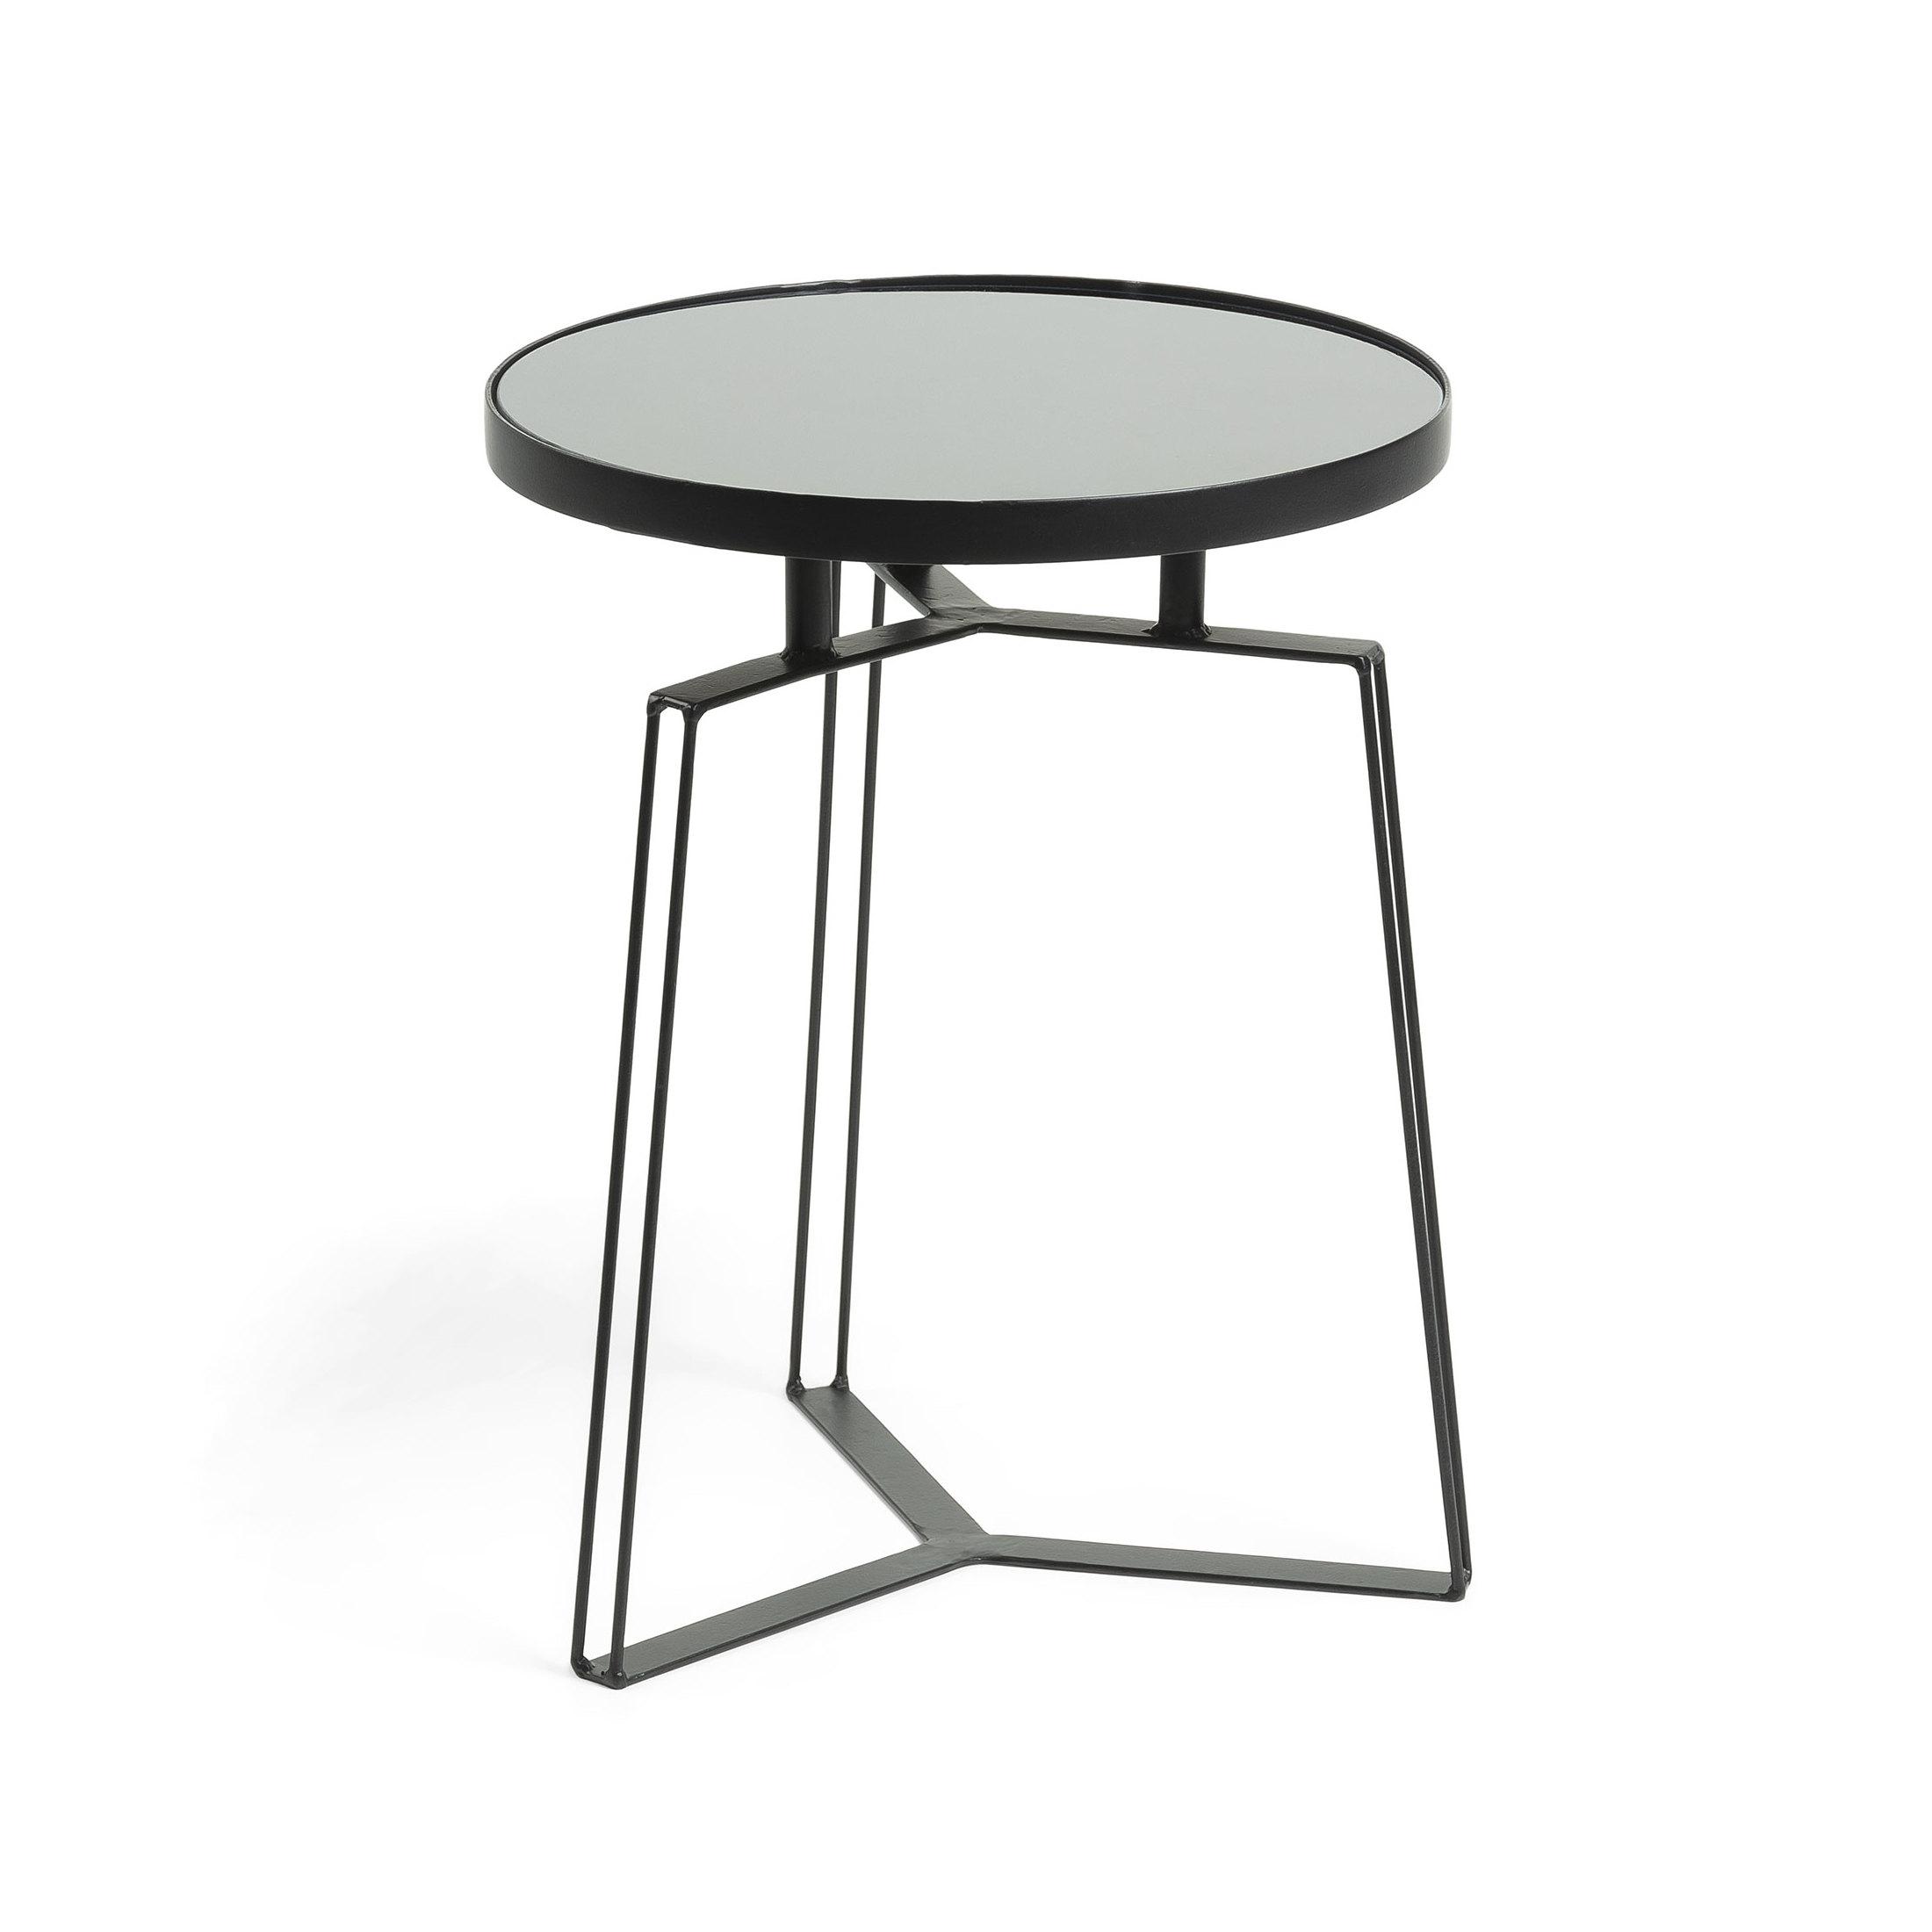 Uw partner in meubels: Kave Home Bijzettafel 'Radim' 40cm, kleur Zwart Tafels | Bijzettafels